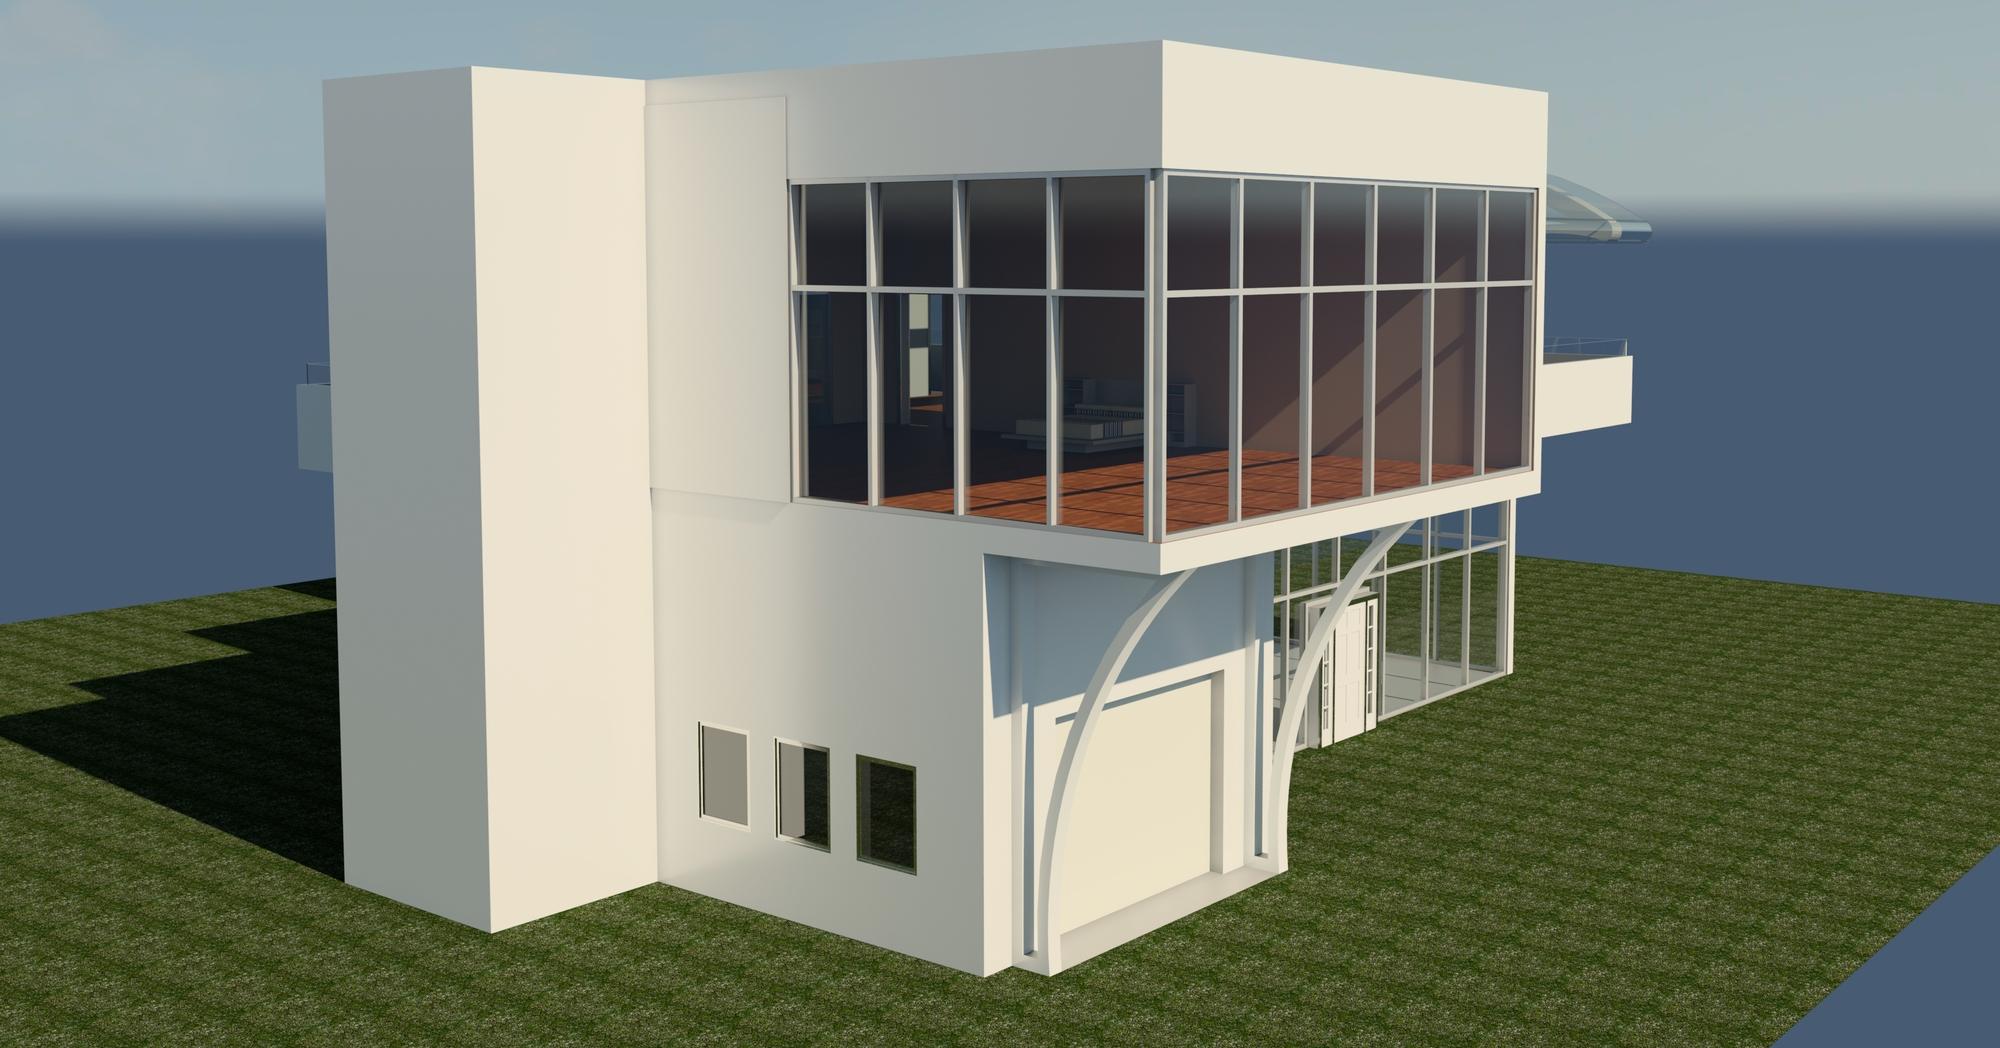 Raas-rendering20150326-2169-1ldbvjp